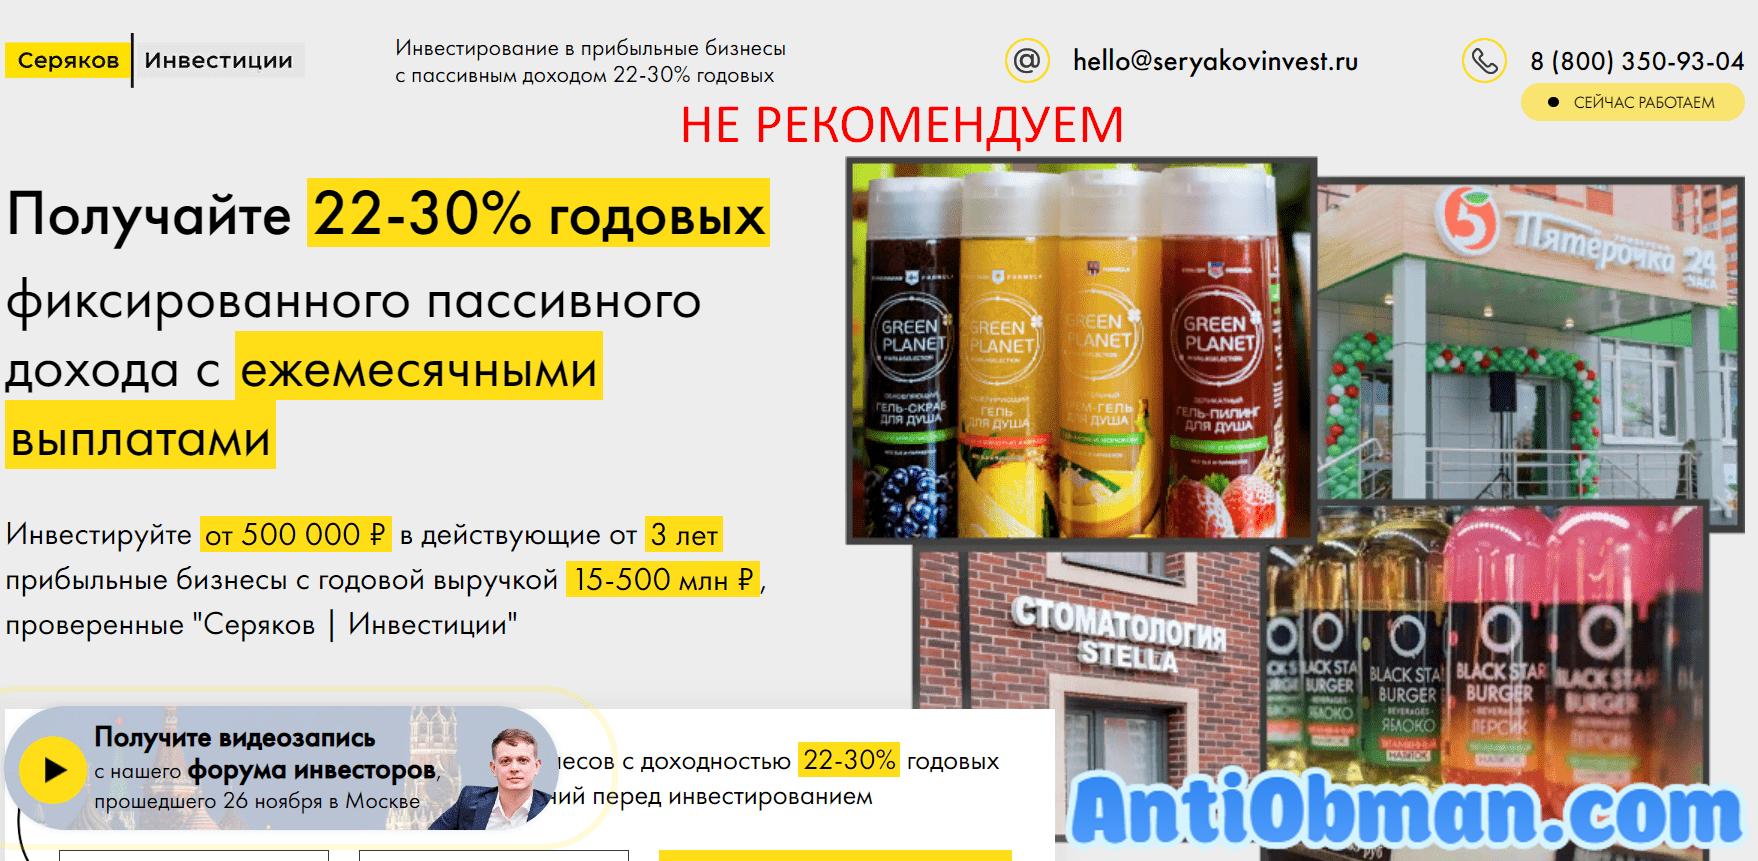 Серяков Инвестиции (seryakovinvest.ru)